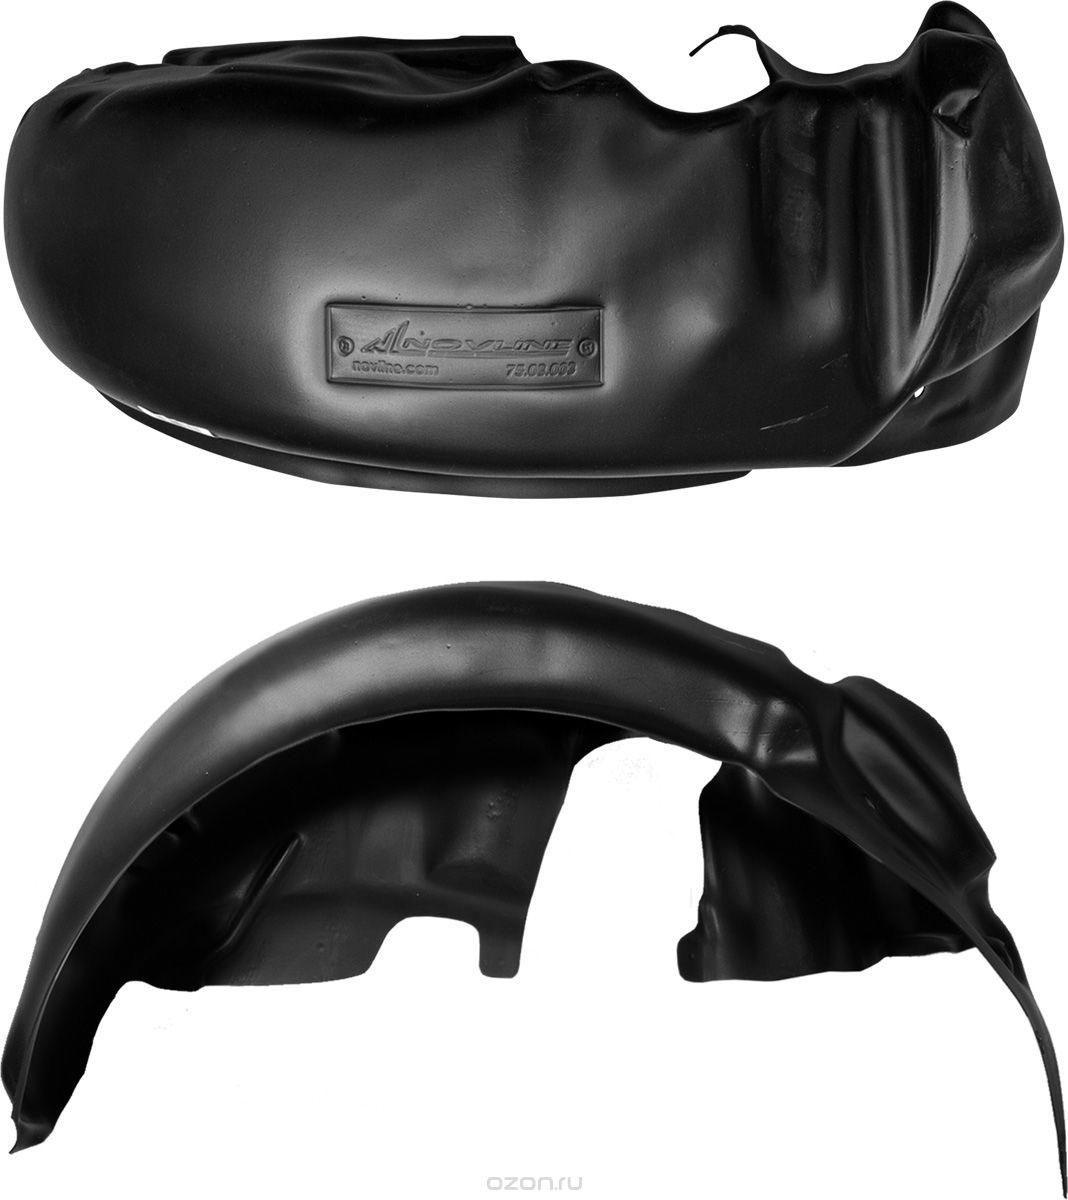 Подкрылок Novline-Autofamily, для Chery Tiggo, 01/2006-2013, передний левыйNLL.63.03.001Идеальная защита колесной ниши. Локеры разработаны с применением цифровых технологий, гарантируют максимальную повторяемость поверхности арки. Изделия устанавливаются без нарушения лакокрасочного покрытия автомобиля, каждый подкрылок комплектуется крепежом. Уважаемые клиенты, обращаем ваше внимание, что фотографии на подкрылки универсальные и не отражают реальную форму изделия. При этом само изделие идет точно под размер указанного автомобиля.